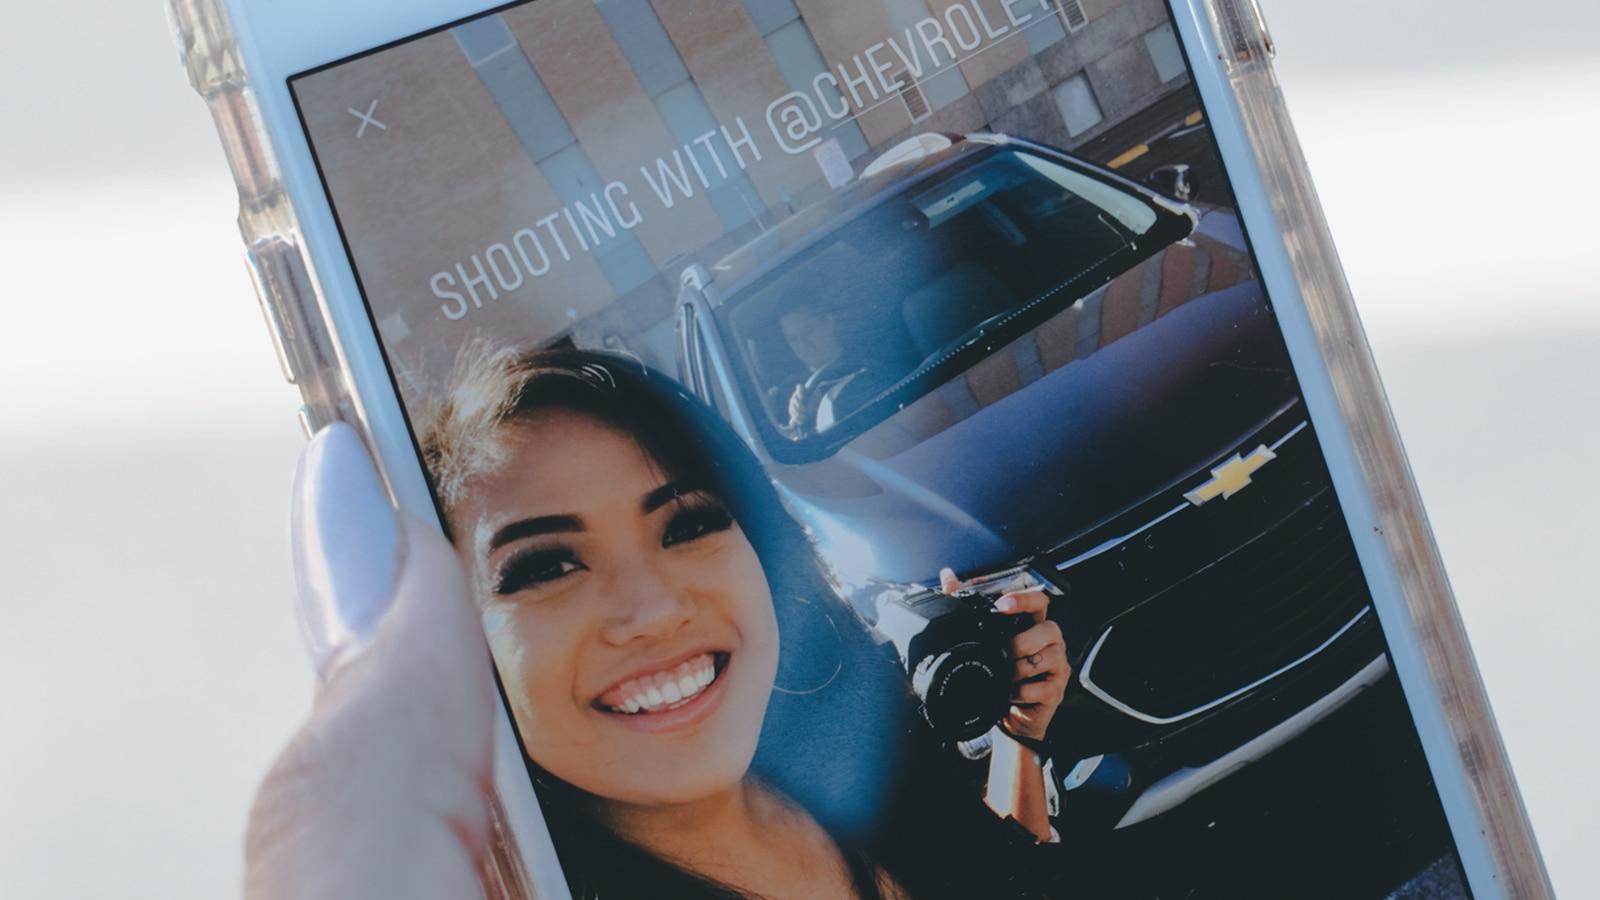 La pantalla del teléfono de Mo Calderon muestra un autorretrato frente a la Chevrolet Trax.